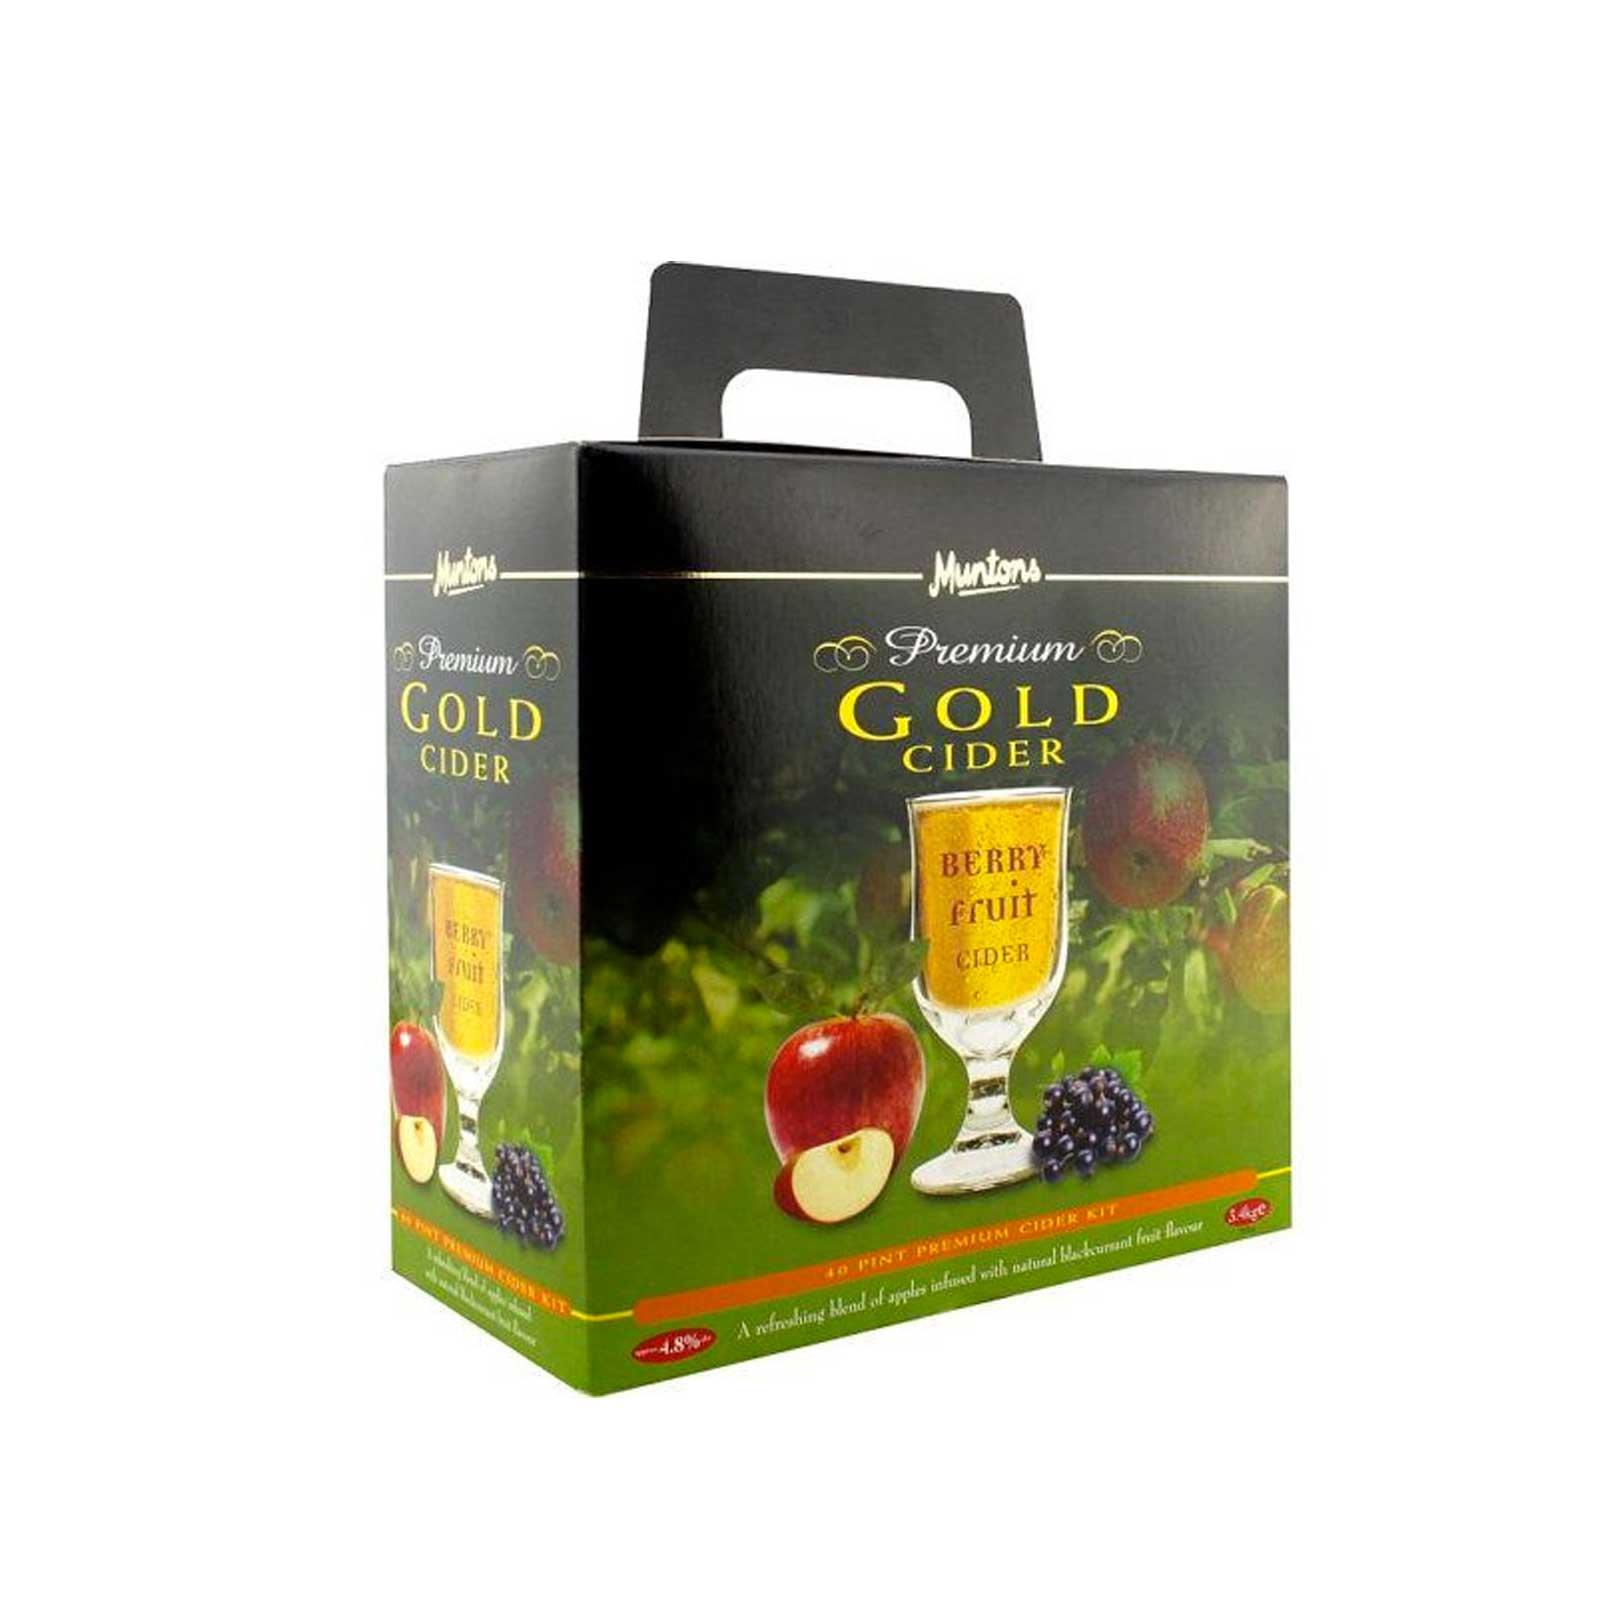 Muntons Premium Berry Fruit Cider